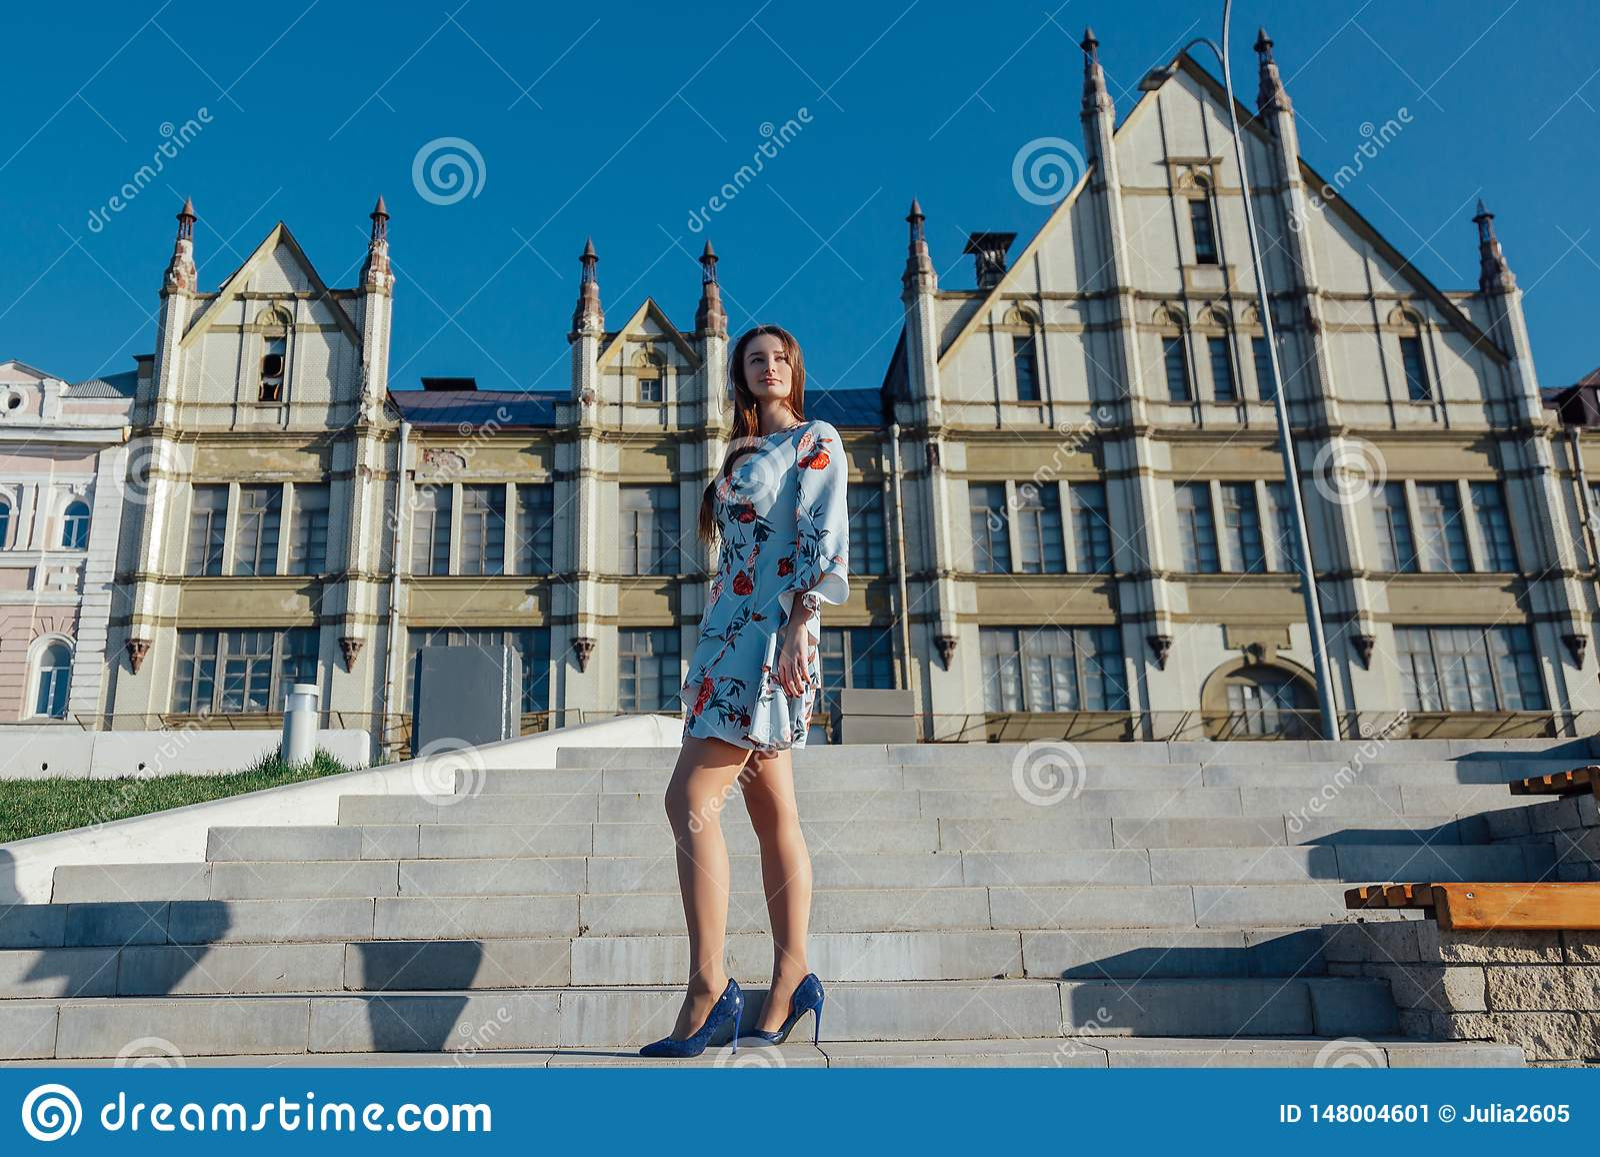 Eine schöne junge Frau in einem empfindlichen blauen Kleid